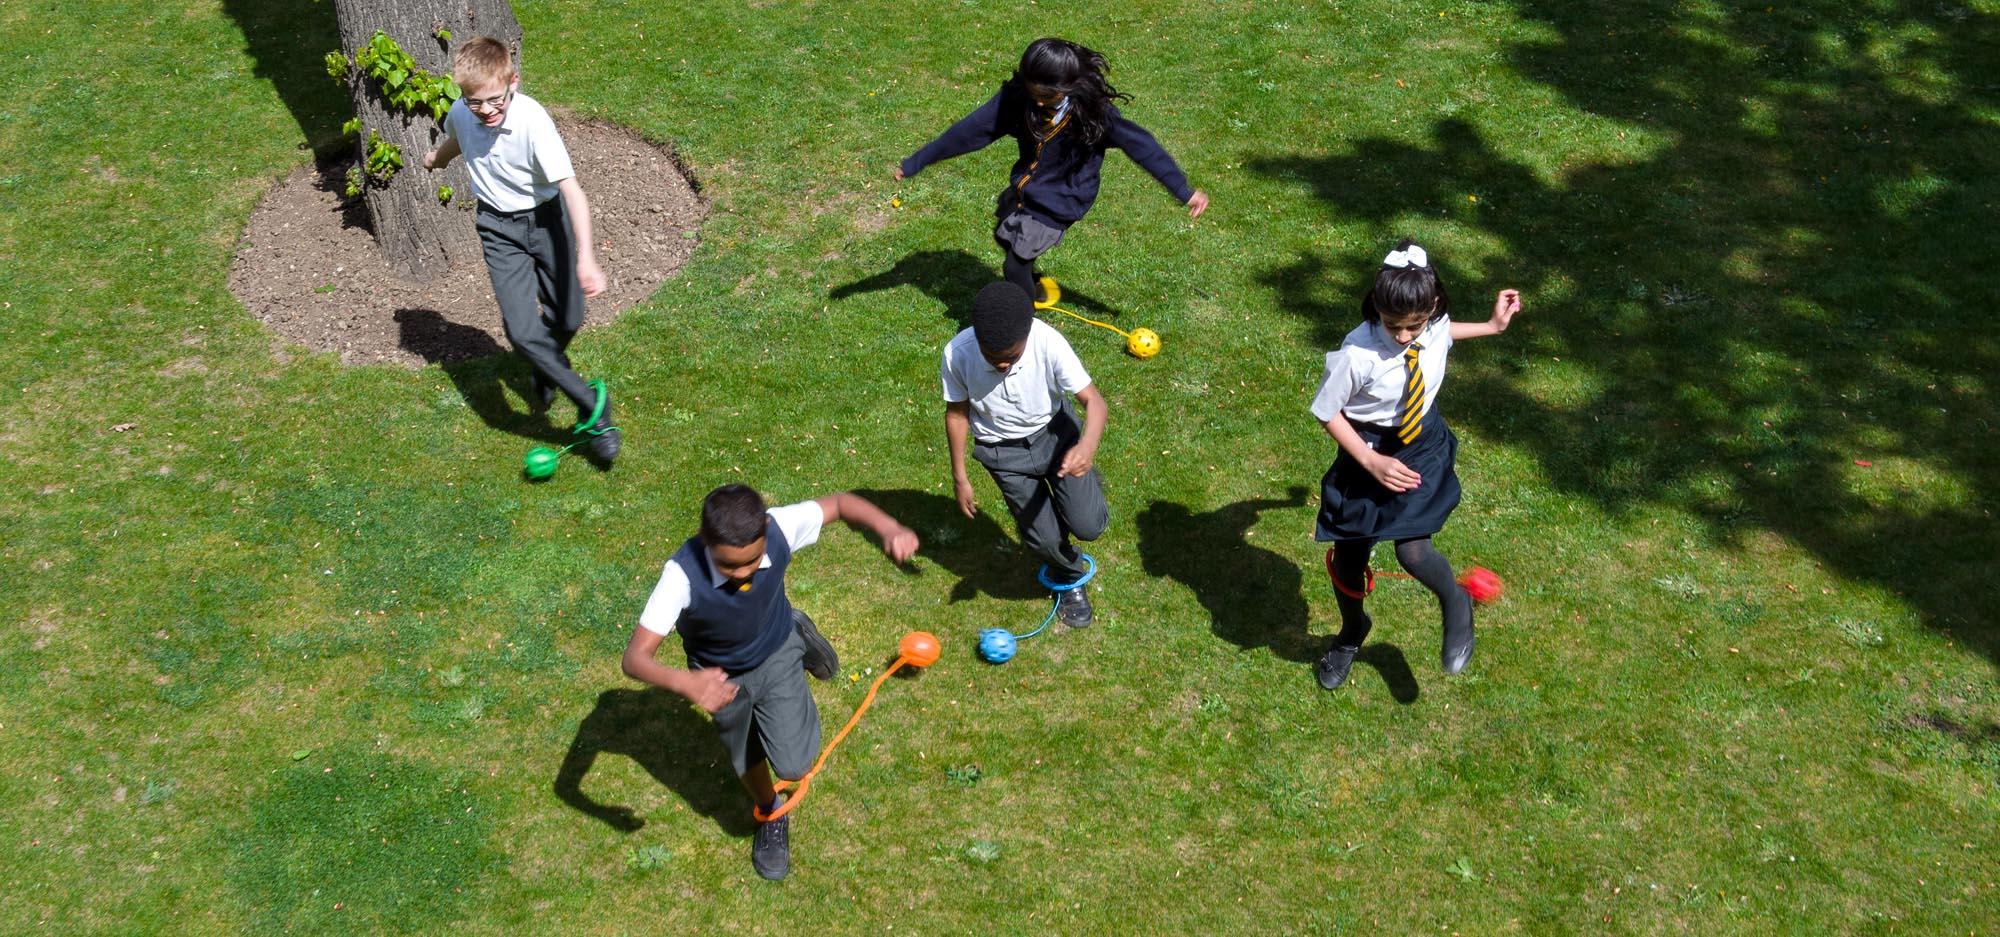 children-sports-activity